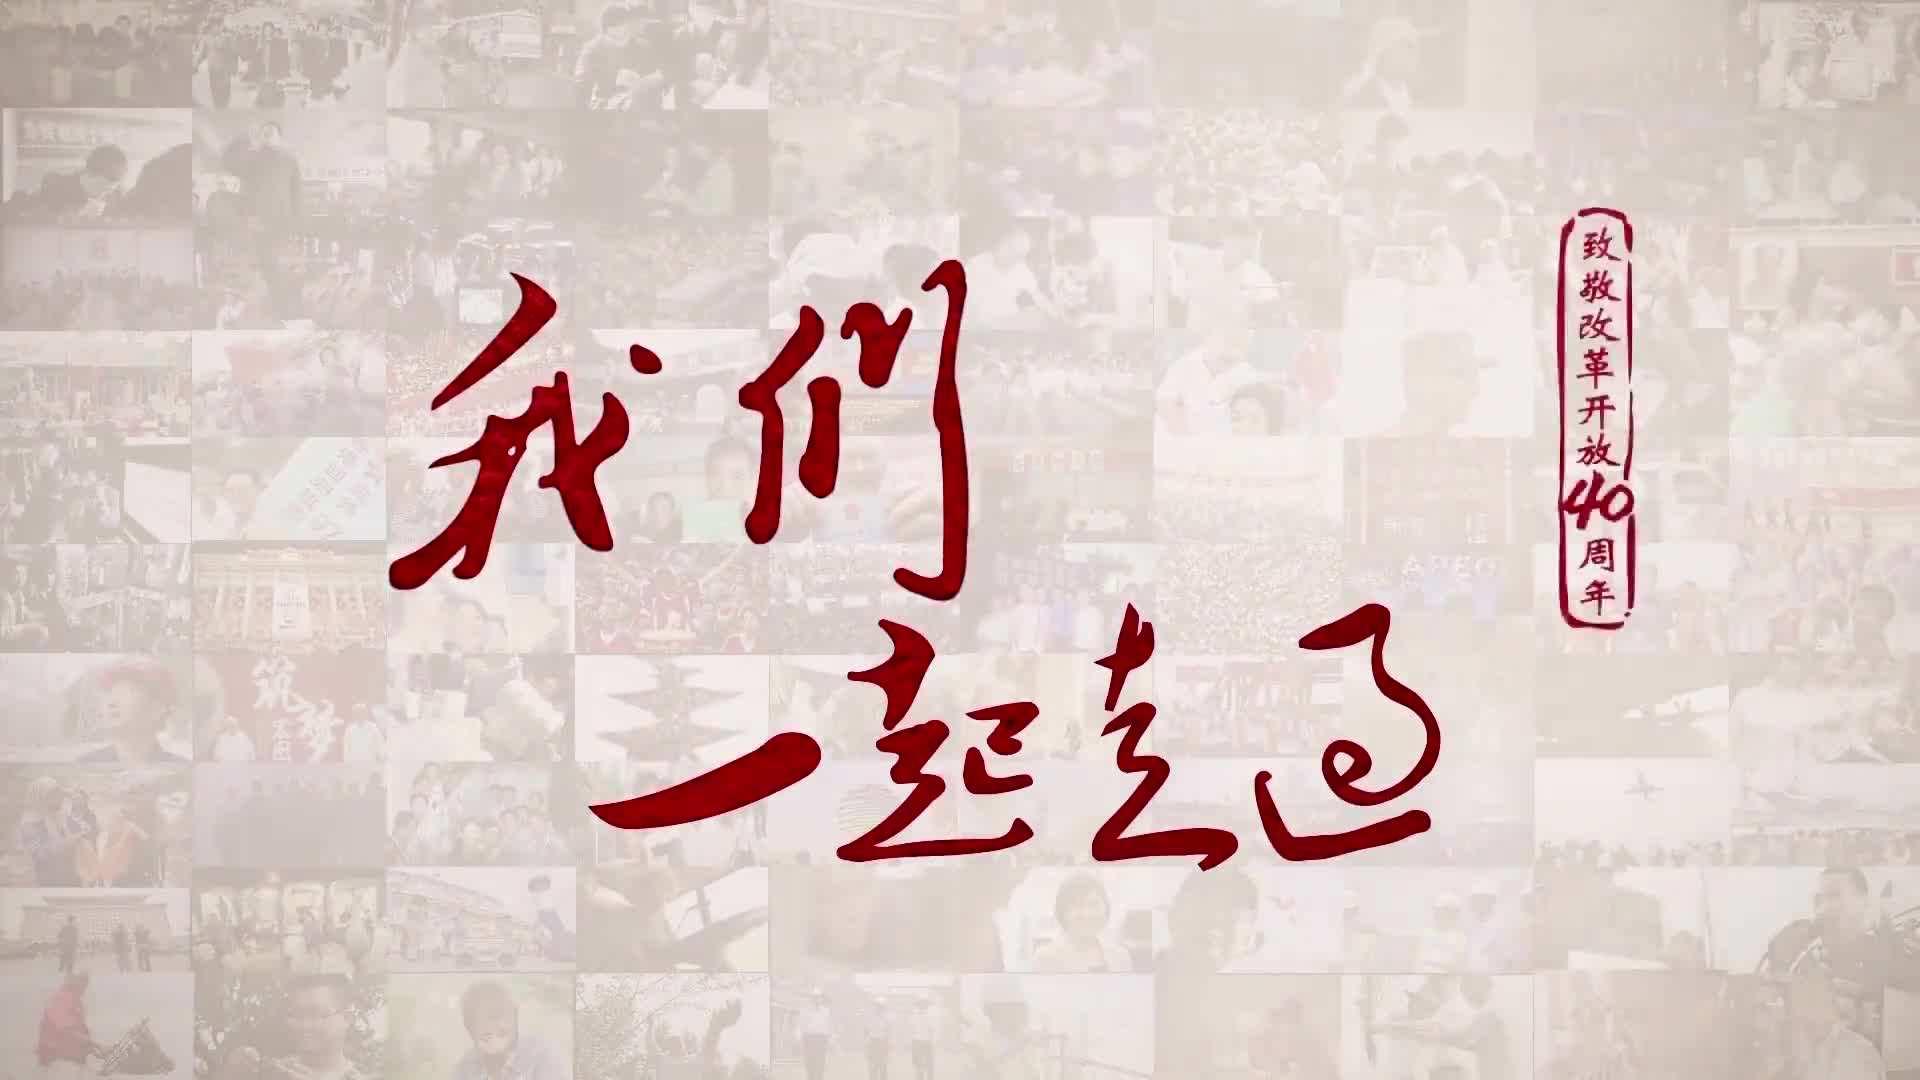 《我们一起走过——致敬改革开放40周年》 第一集 弄潮儿向涛头立